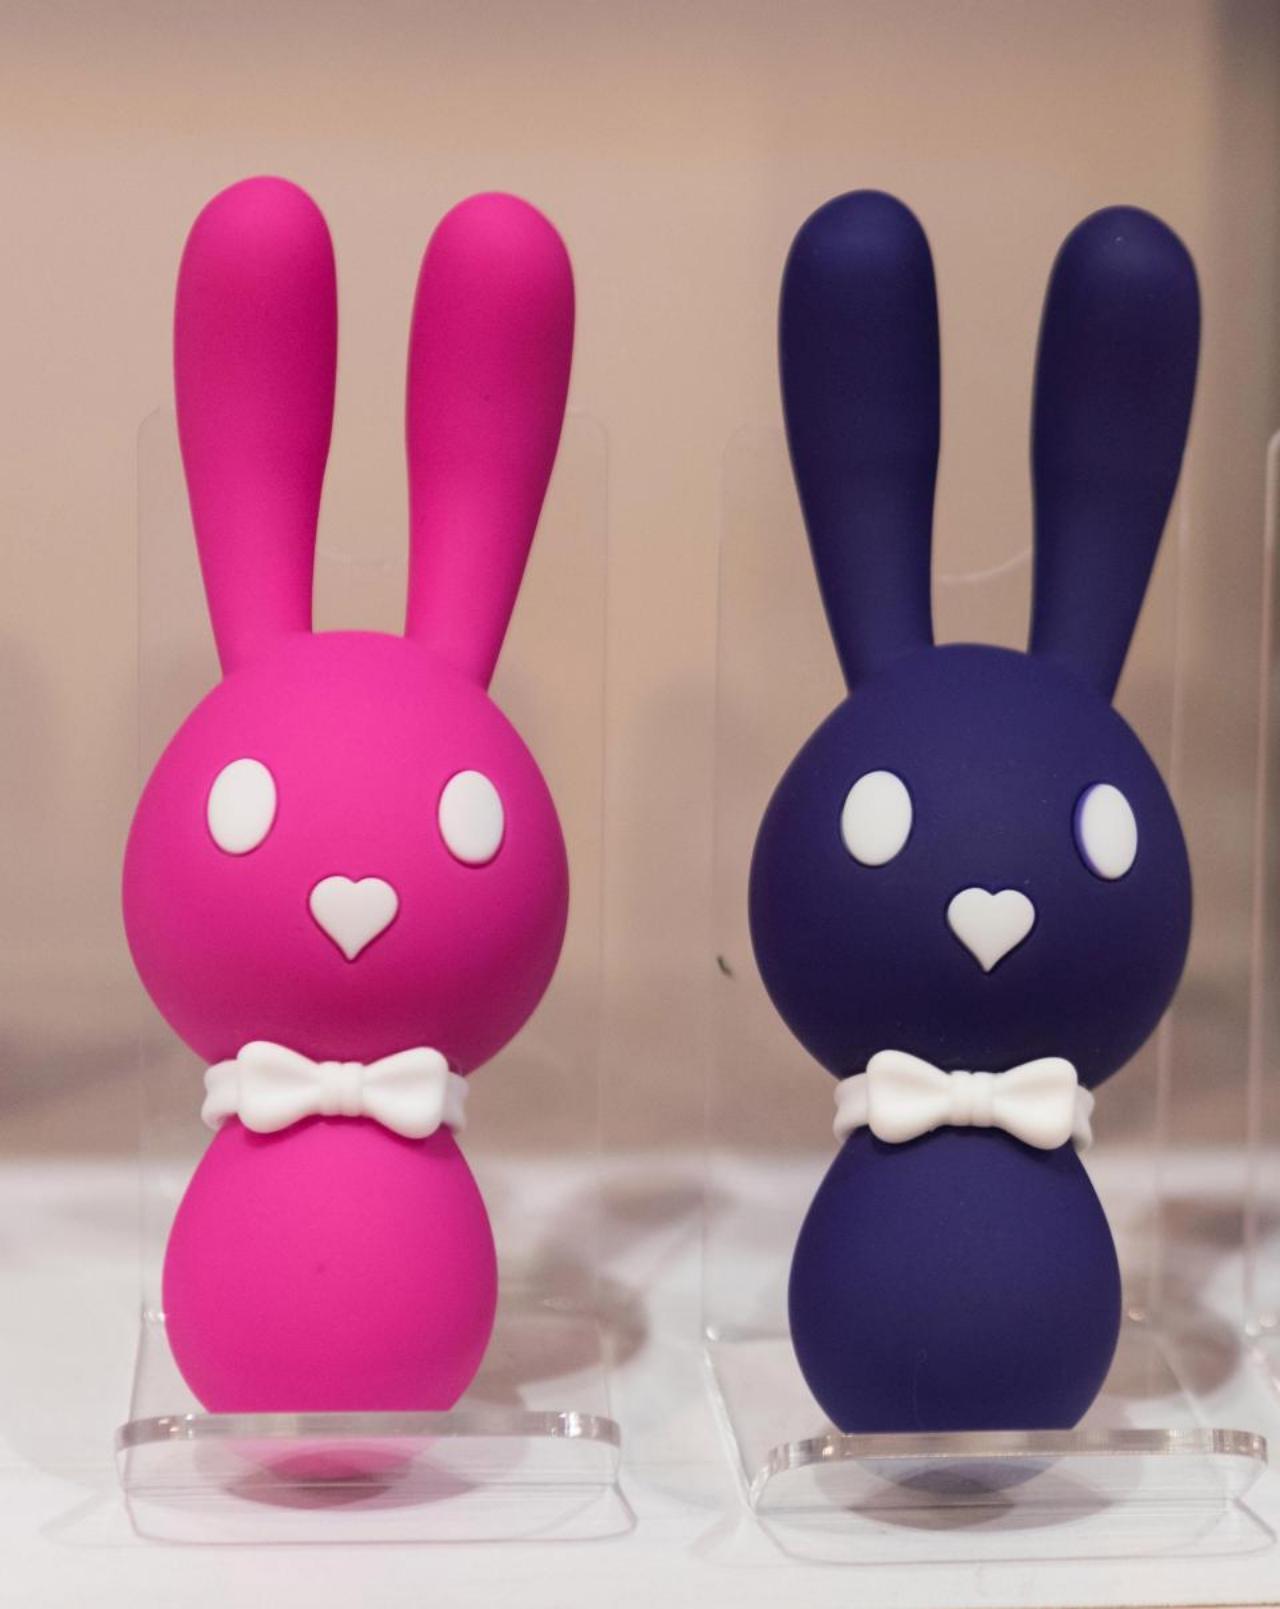 มองเผินๆ เป็นกระต่ายน้อยน่ารัก แต่จริงๆ แล้ว...